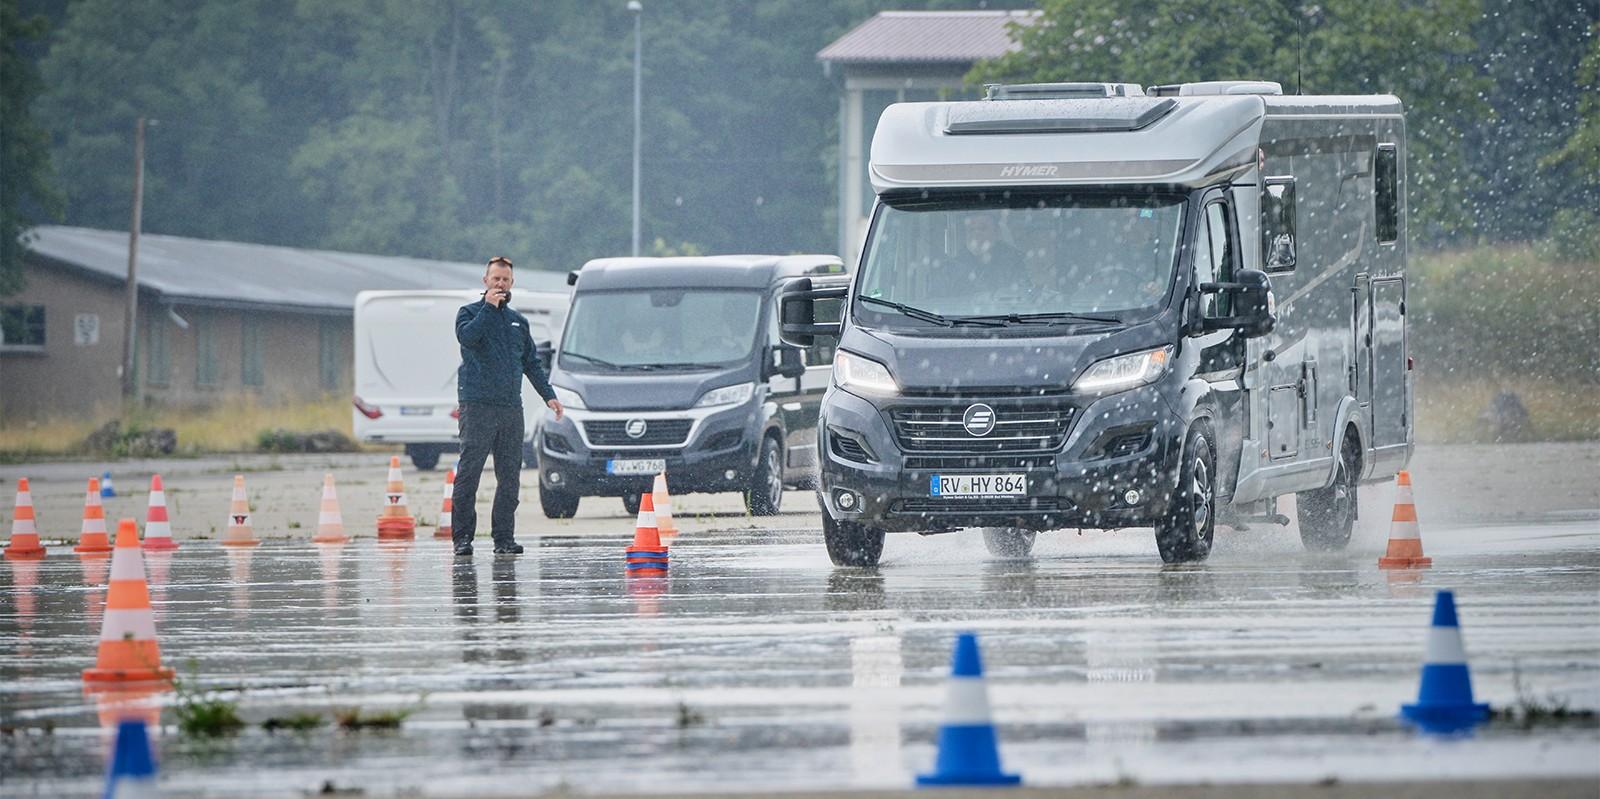 <span>Fahrsicherheitstraining für Wohnwagen und Wohnmobil</span>